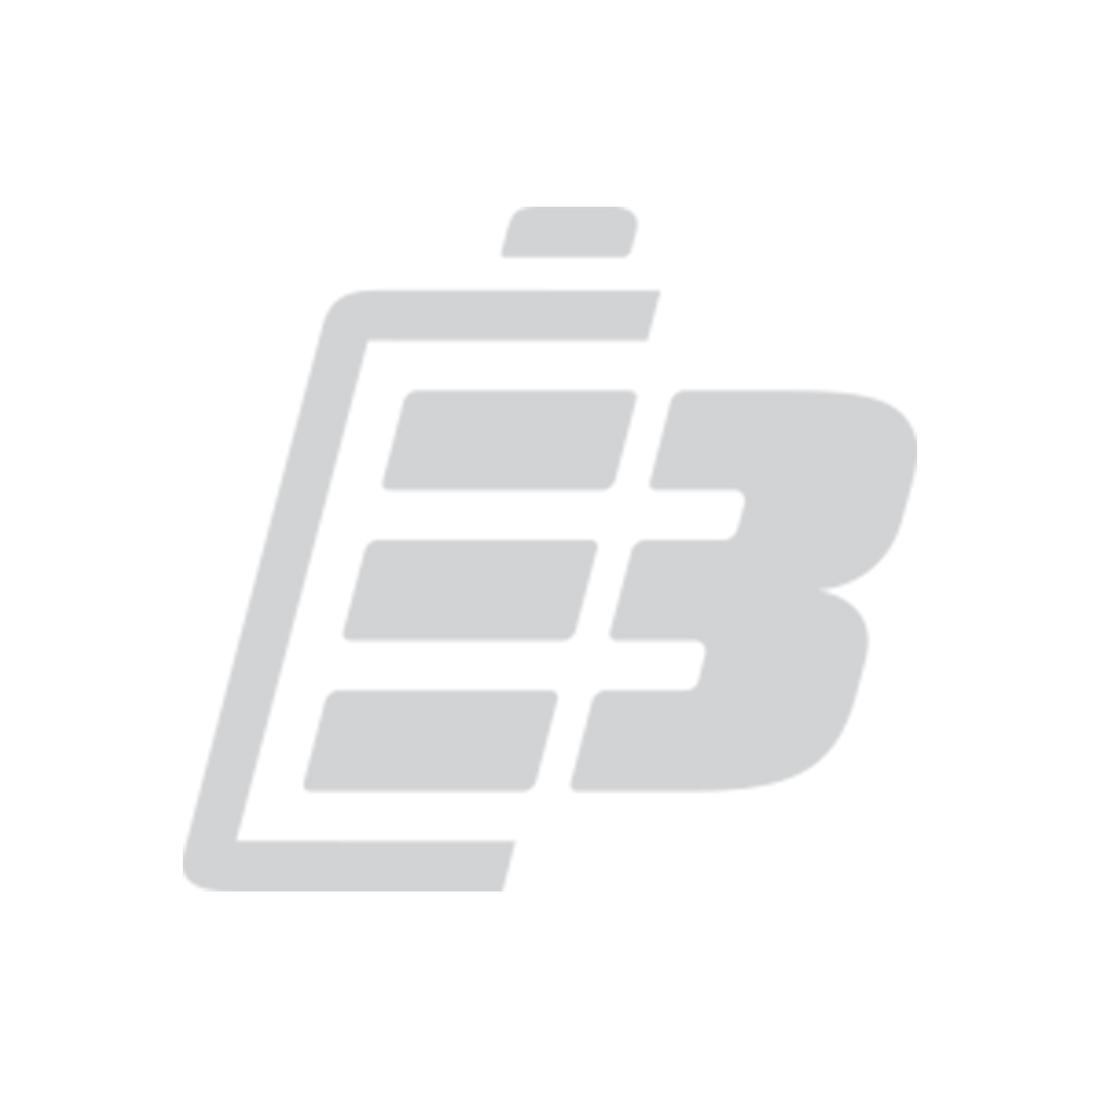 Μπαταρια Μολυβδου Multipower 6V 5Ah